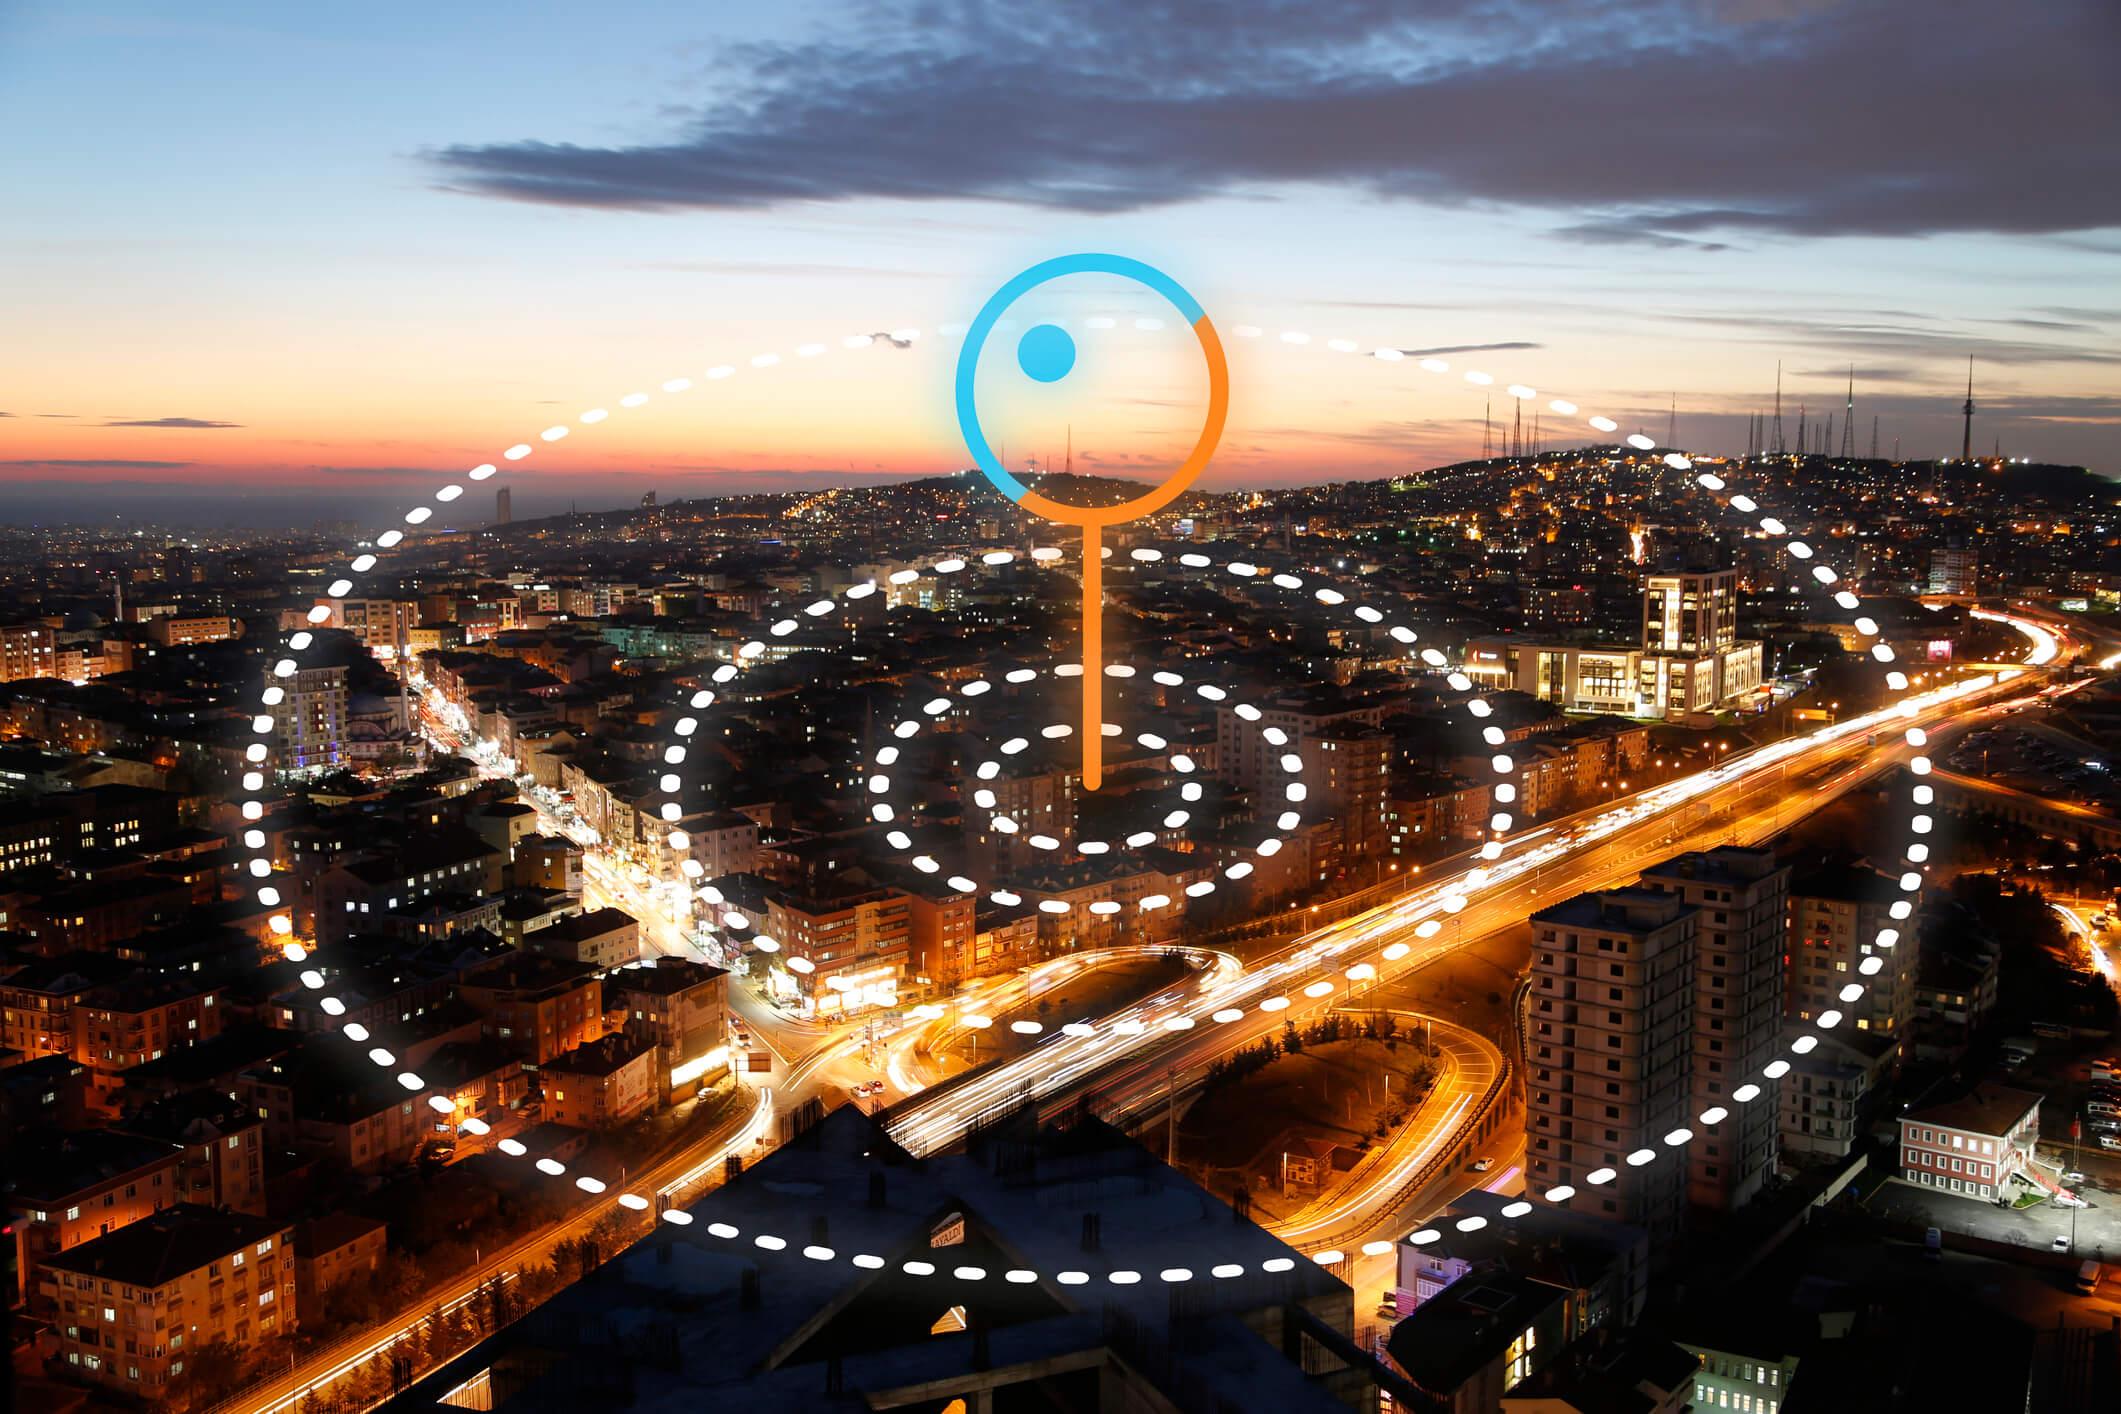 O que é marketing de proximidade e como usar beacons para promovê-lo?